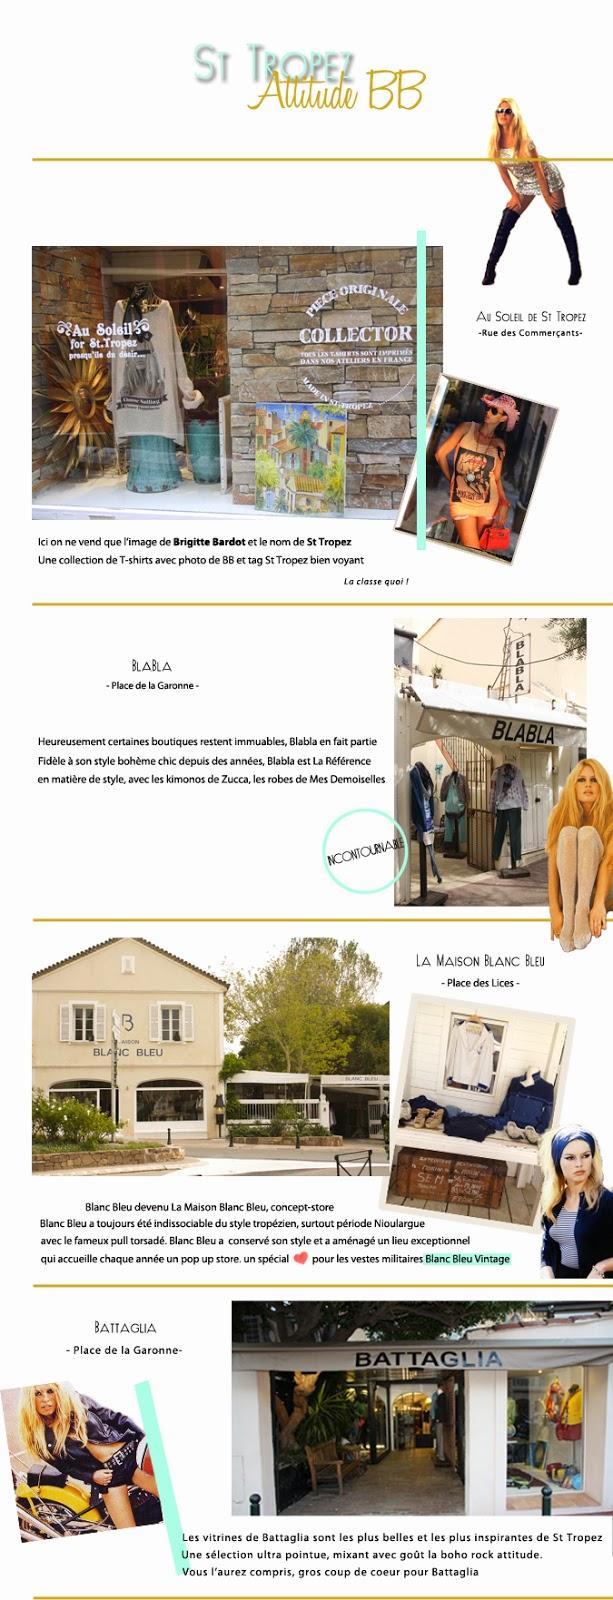 shop St Tropez